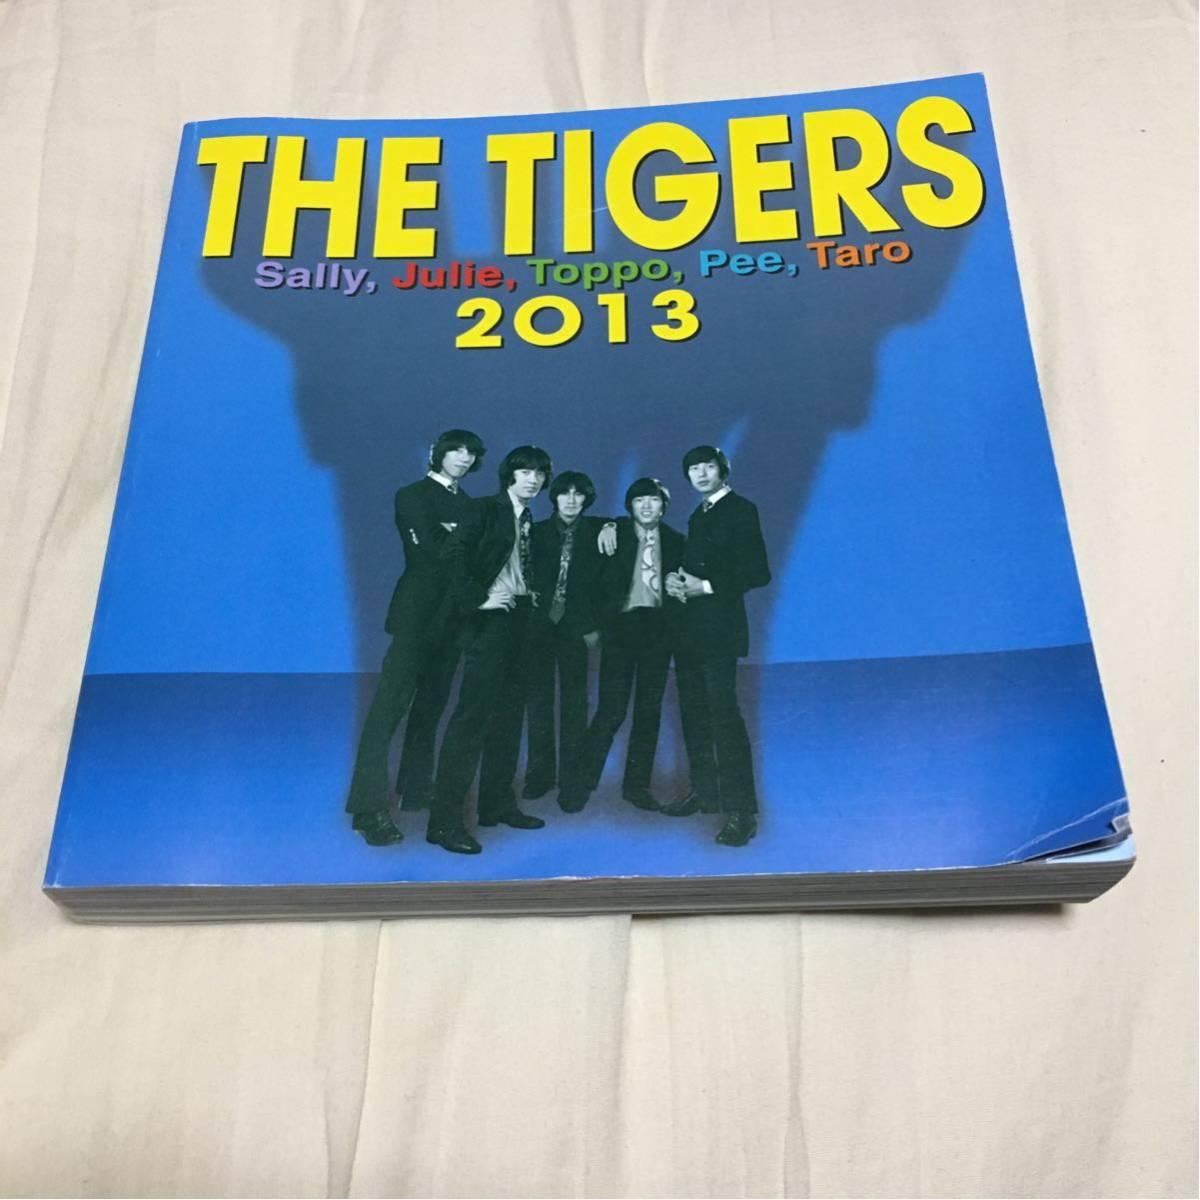 THE TIGERS 2013 写真集 ザ・タイガース 沢田研二 岸部一徳